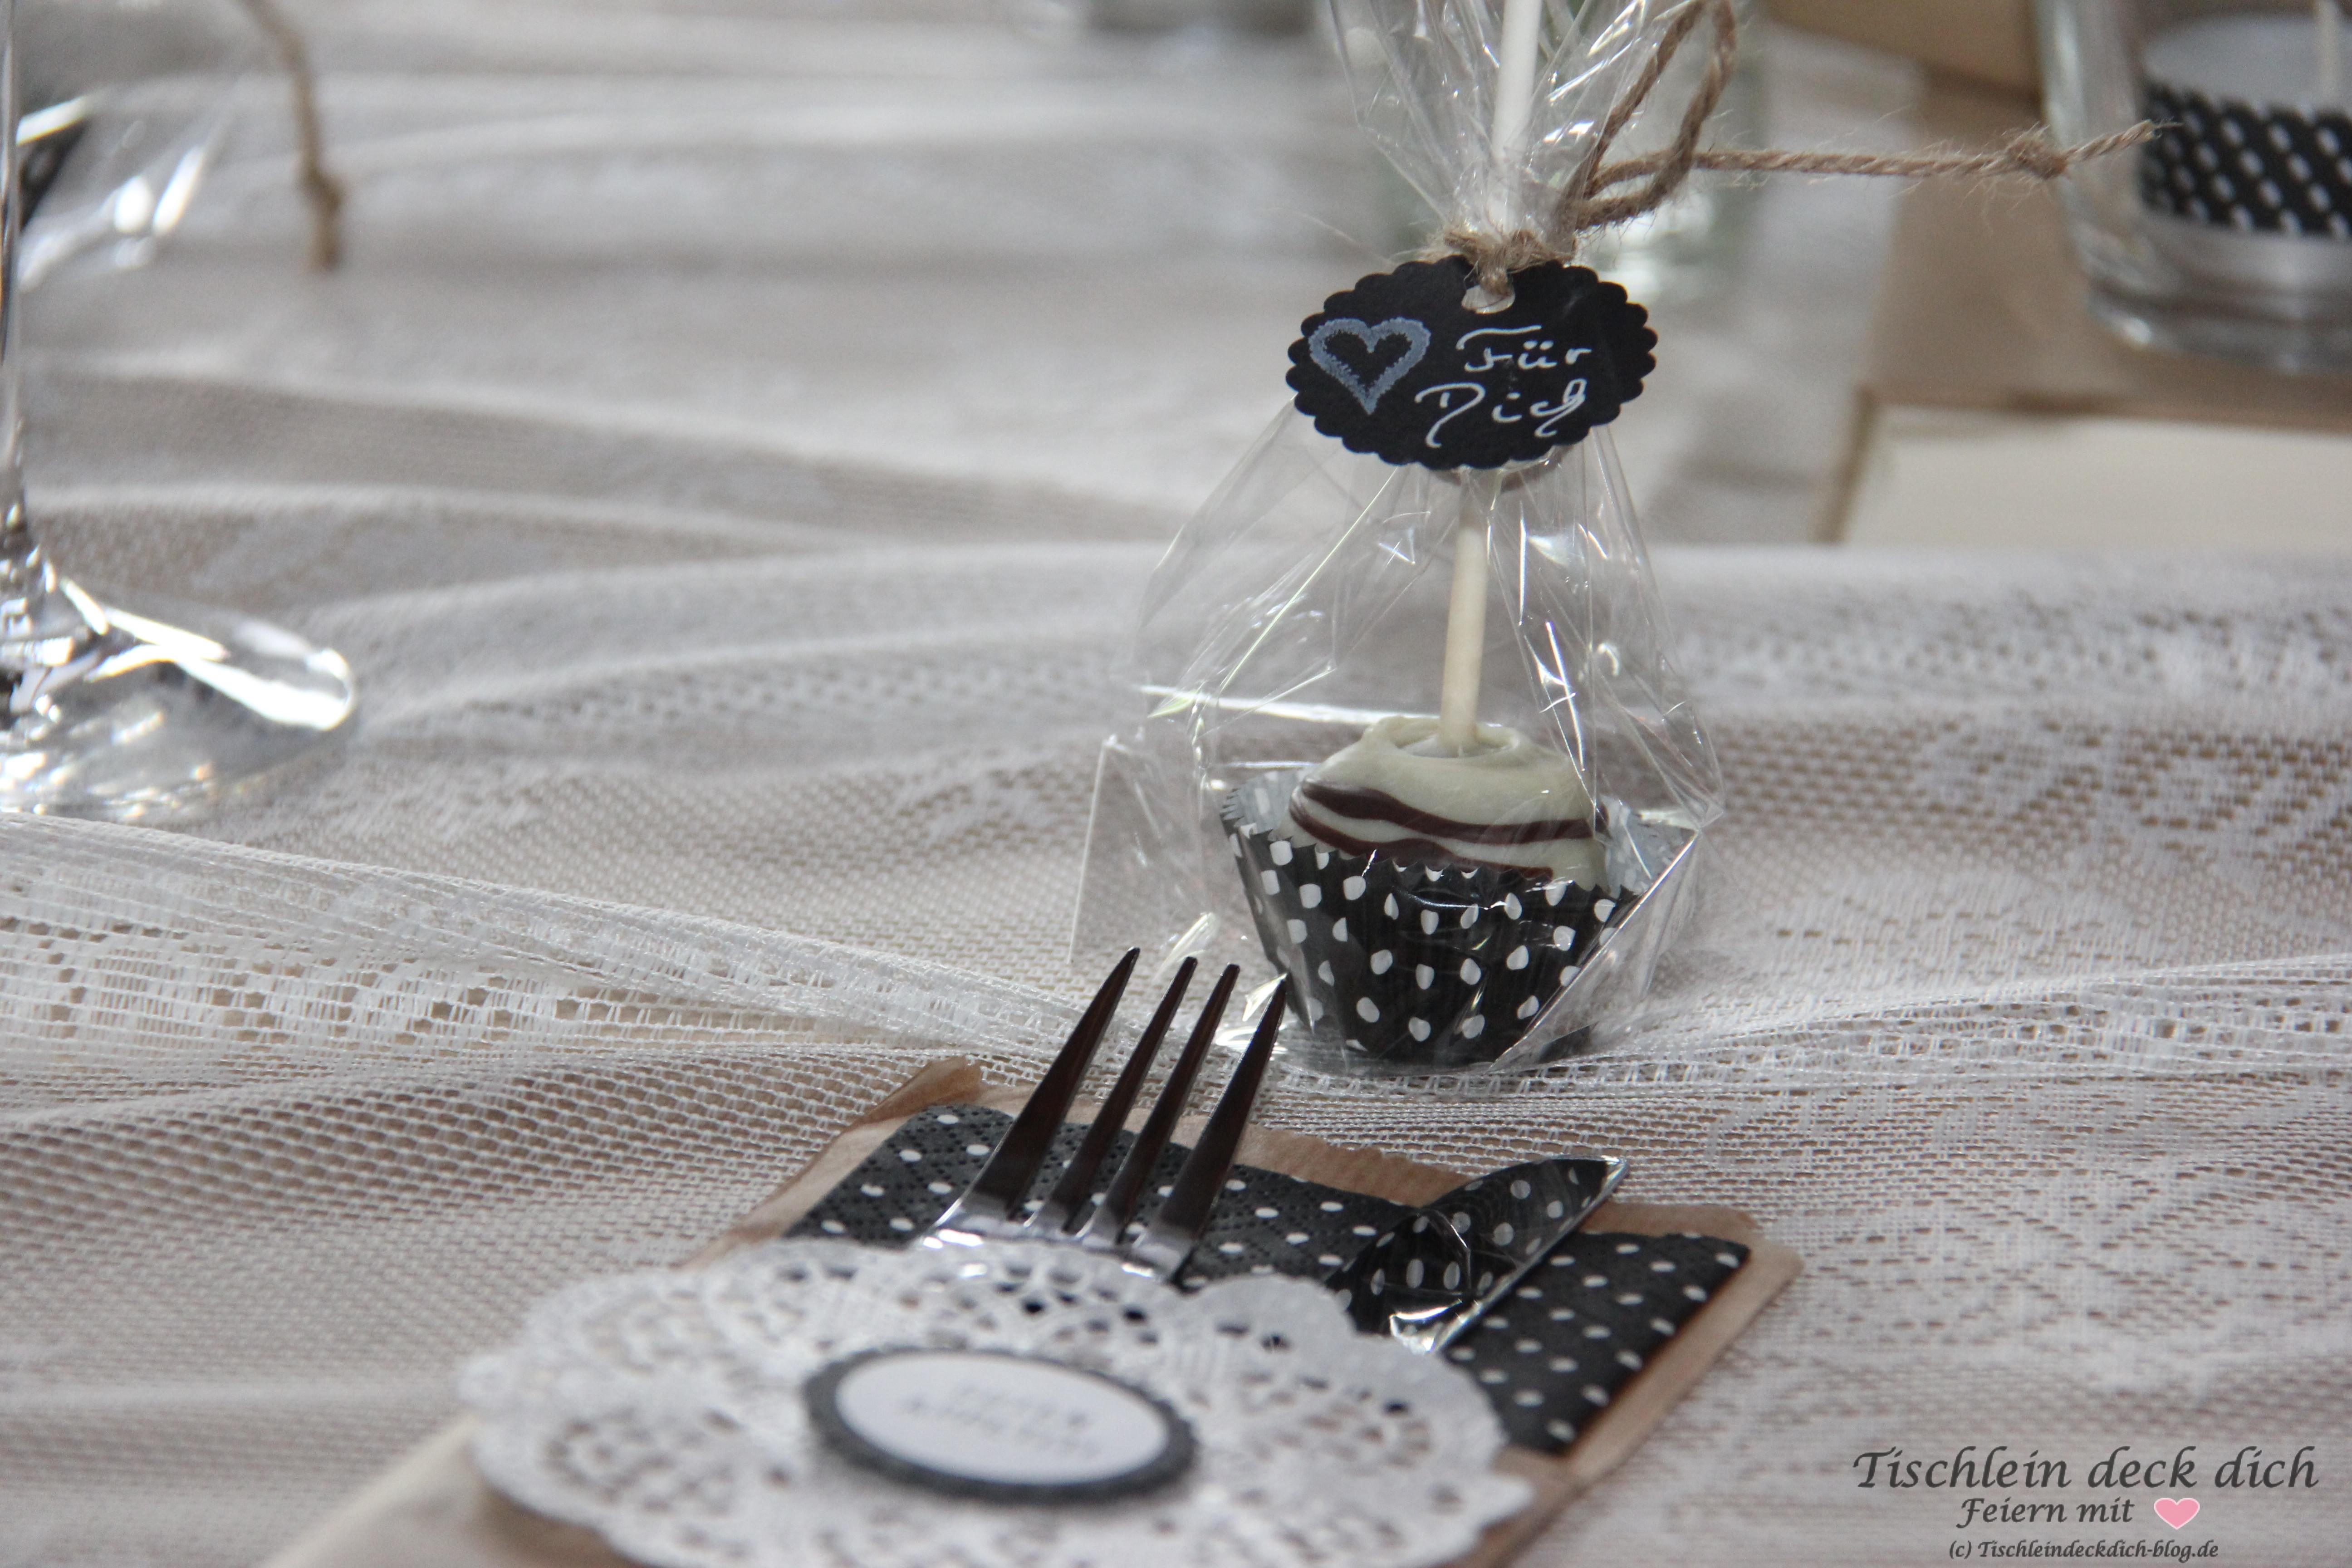 tischdekoration zum 50 geburtstag cake pop tischlein deck dich. Black Bedroom Furniture Sets. Home Design Ideas